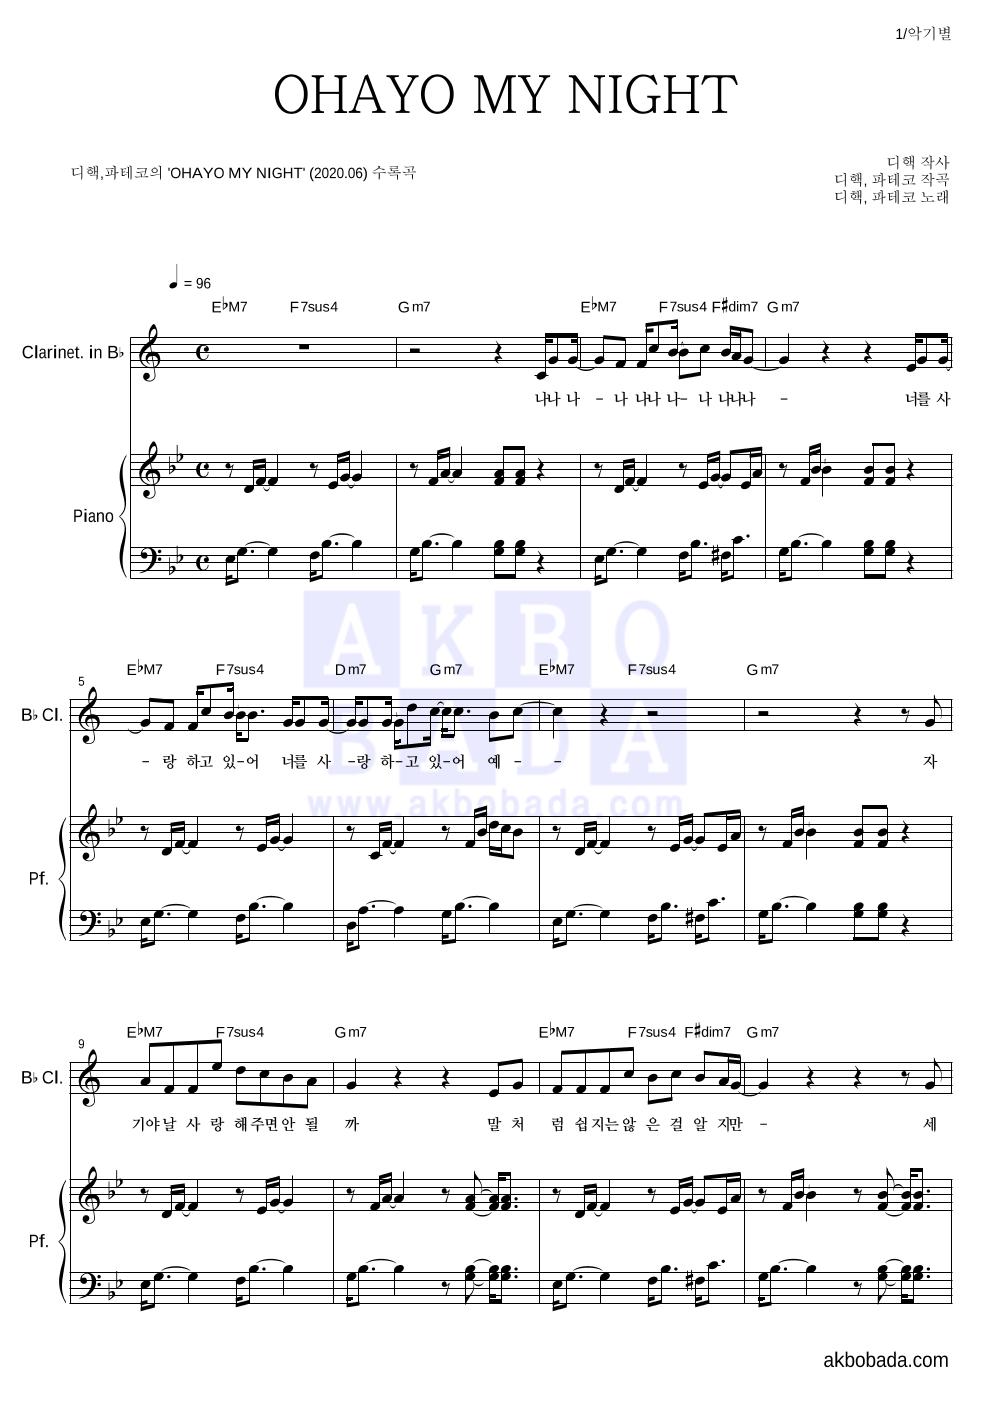 디핵,파테코 - OHAYO MY NIGHT 클라리넷&피아노 악보